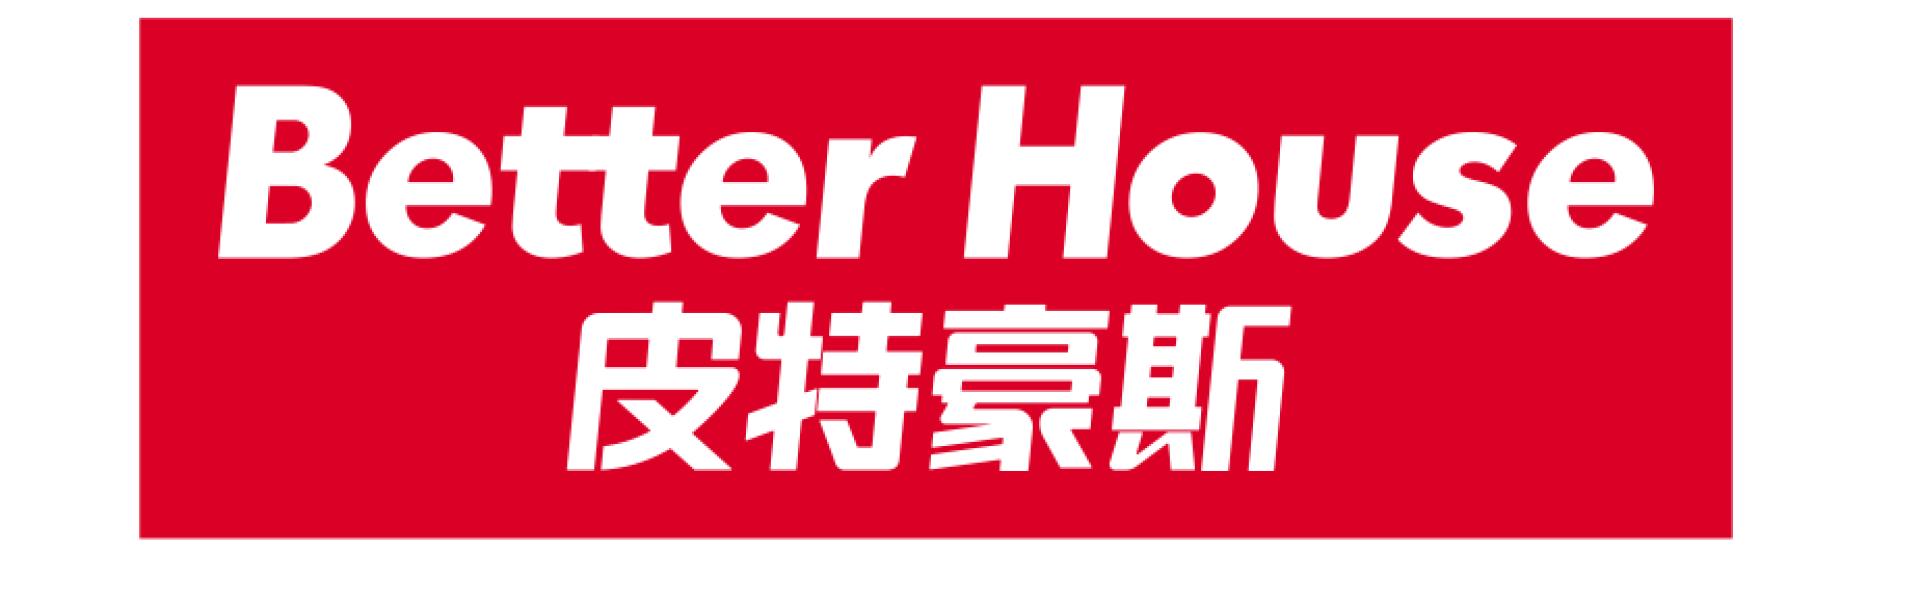 广东驰景家居实业有限公司是一家集产品研发、设计、安装以及售后服务为一体的专业化和多元化的生产型企业。